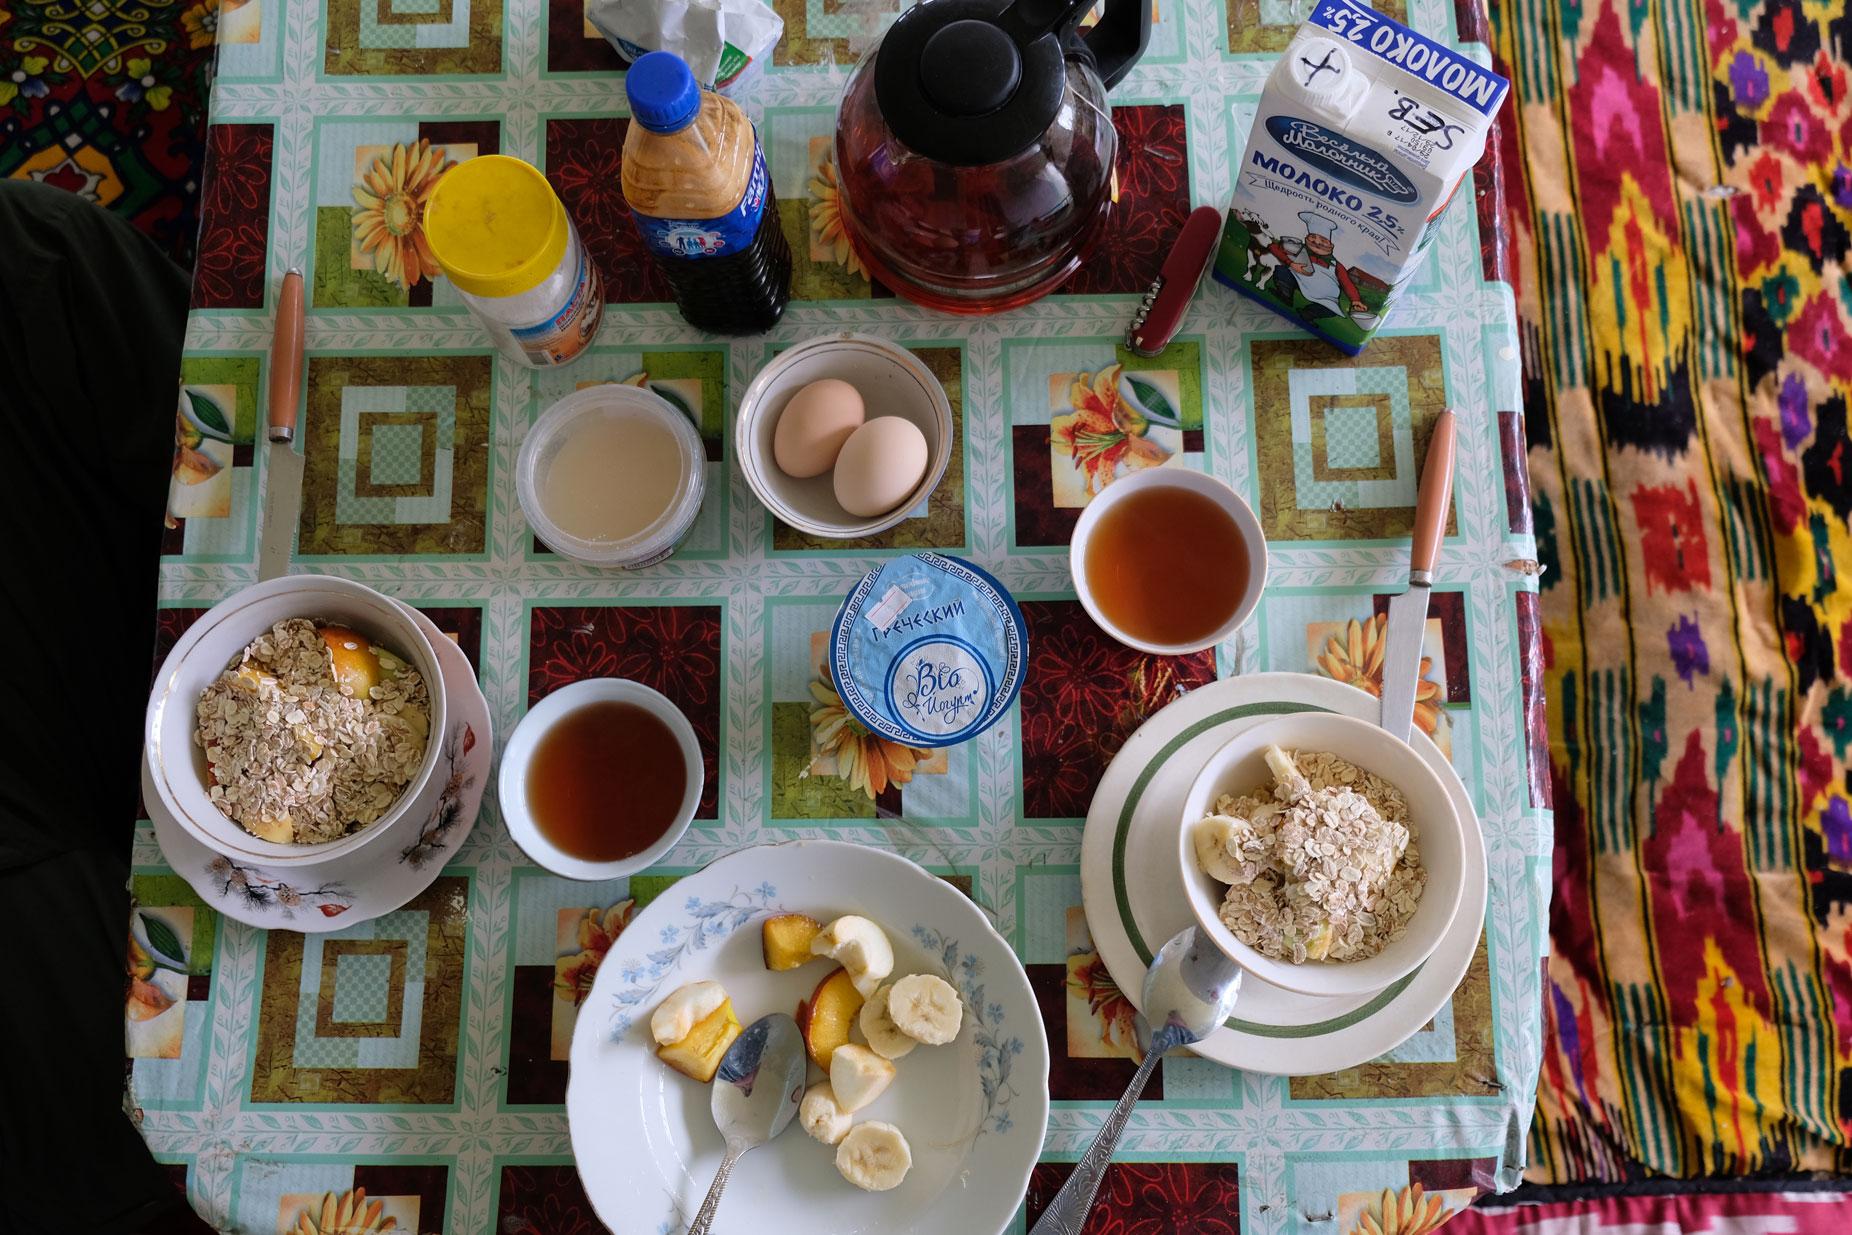 Mal wieder selber Frühstück zubereiten - auch das ein täglich zelebriertes Highlight in diesem Monat! :-)